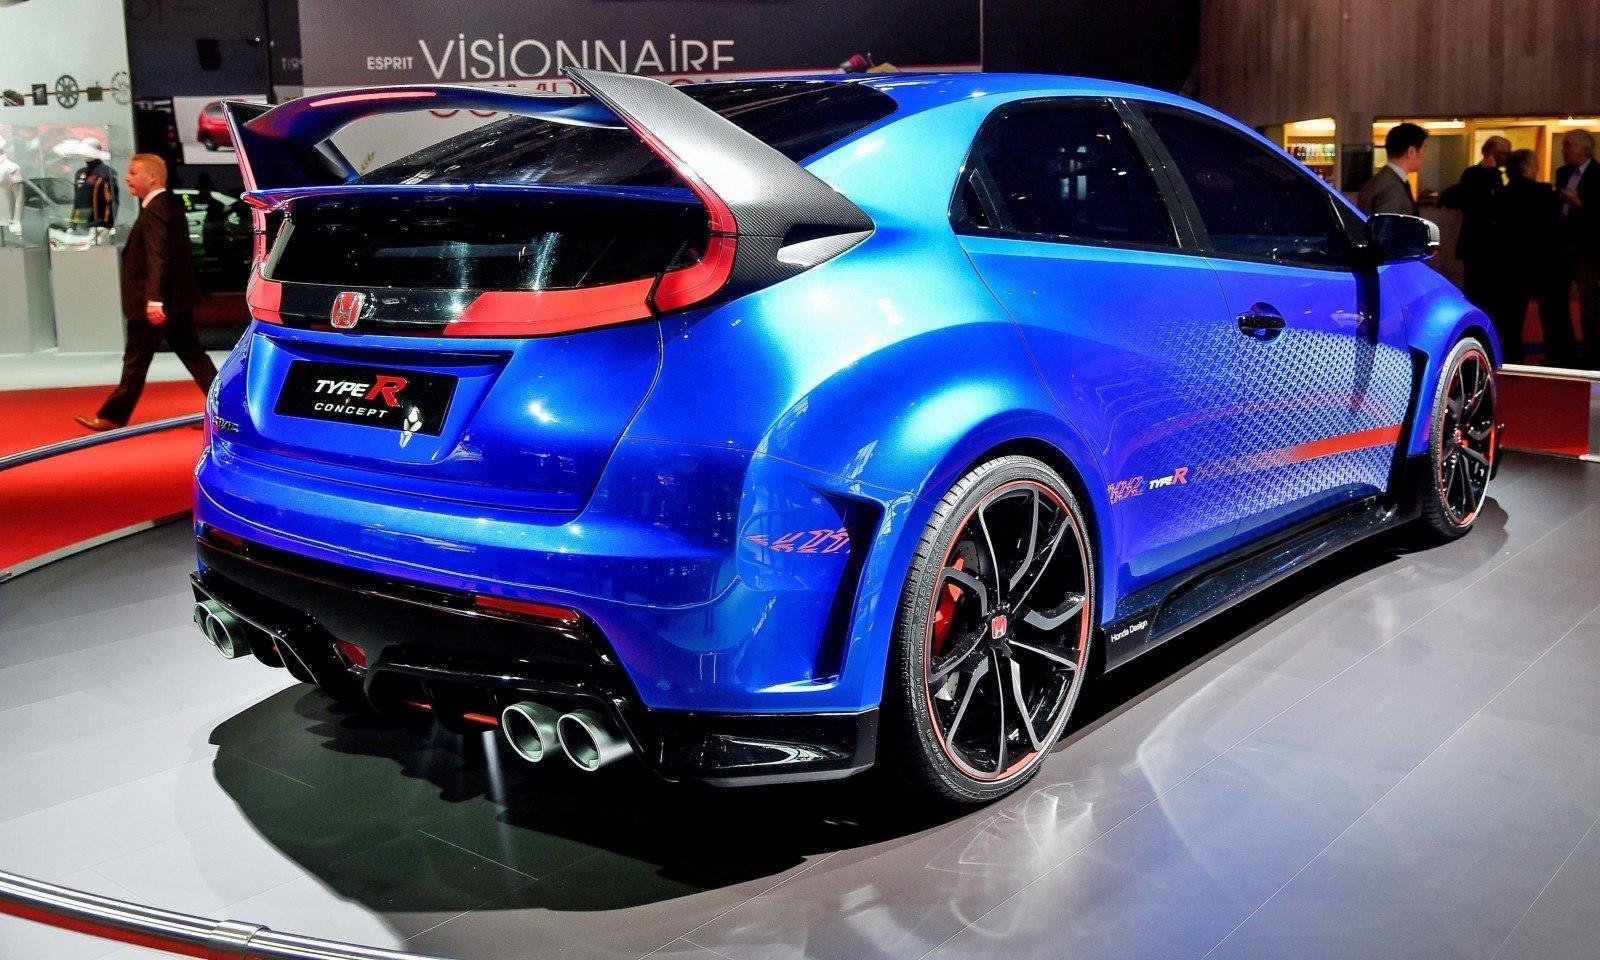 2015 Honda Civic Type R Concept Two Makes Paris Debut 9